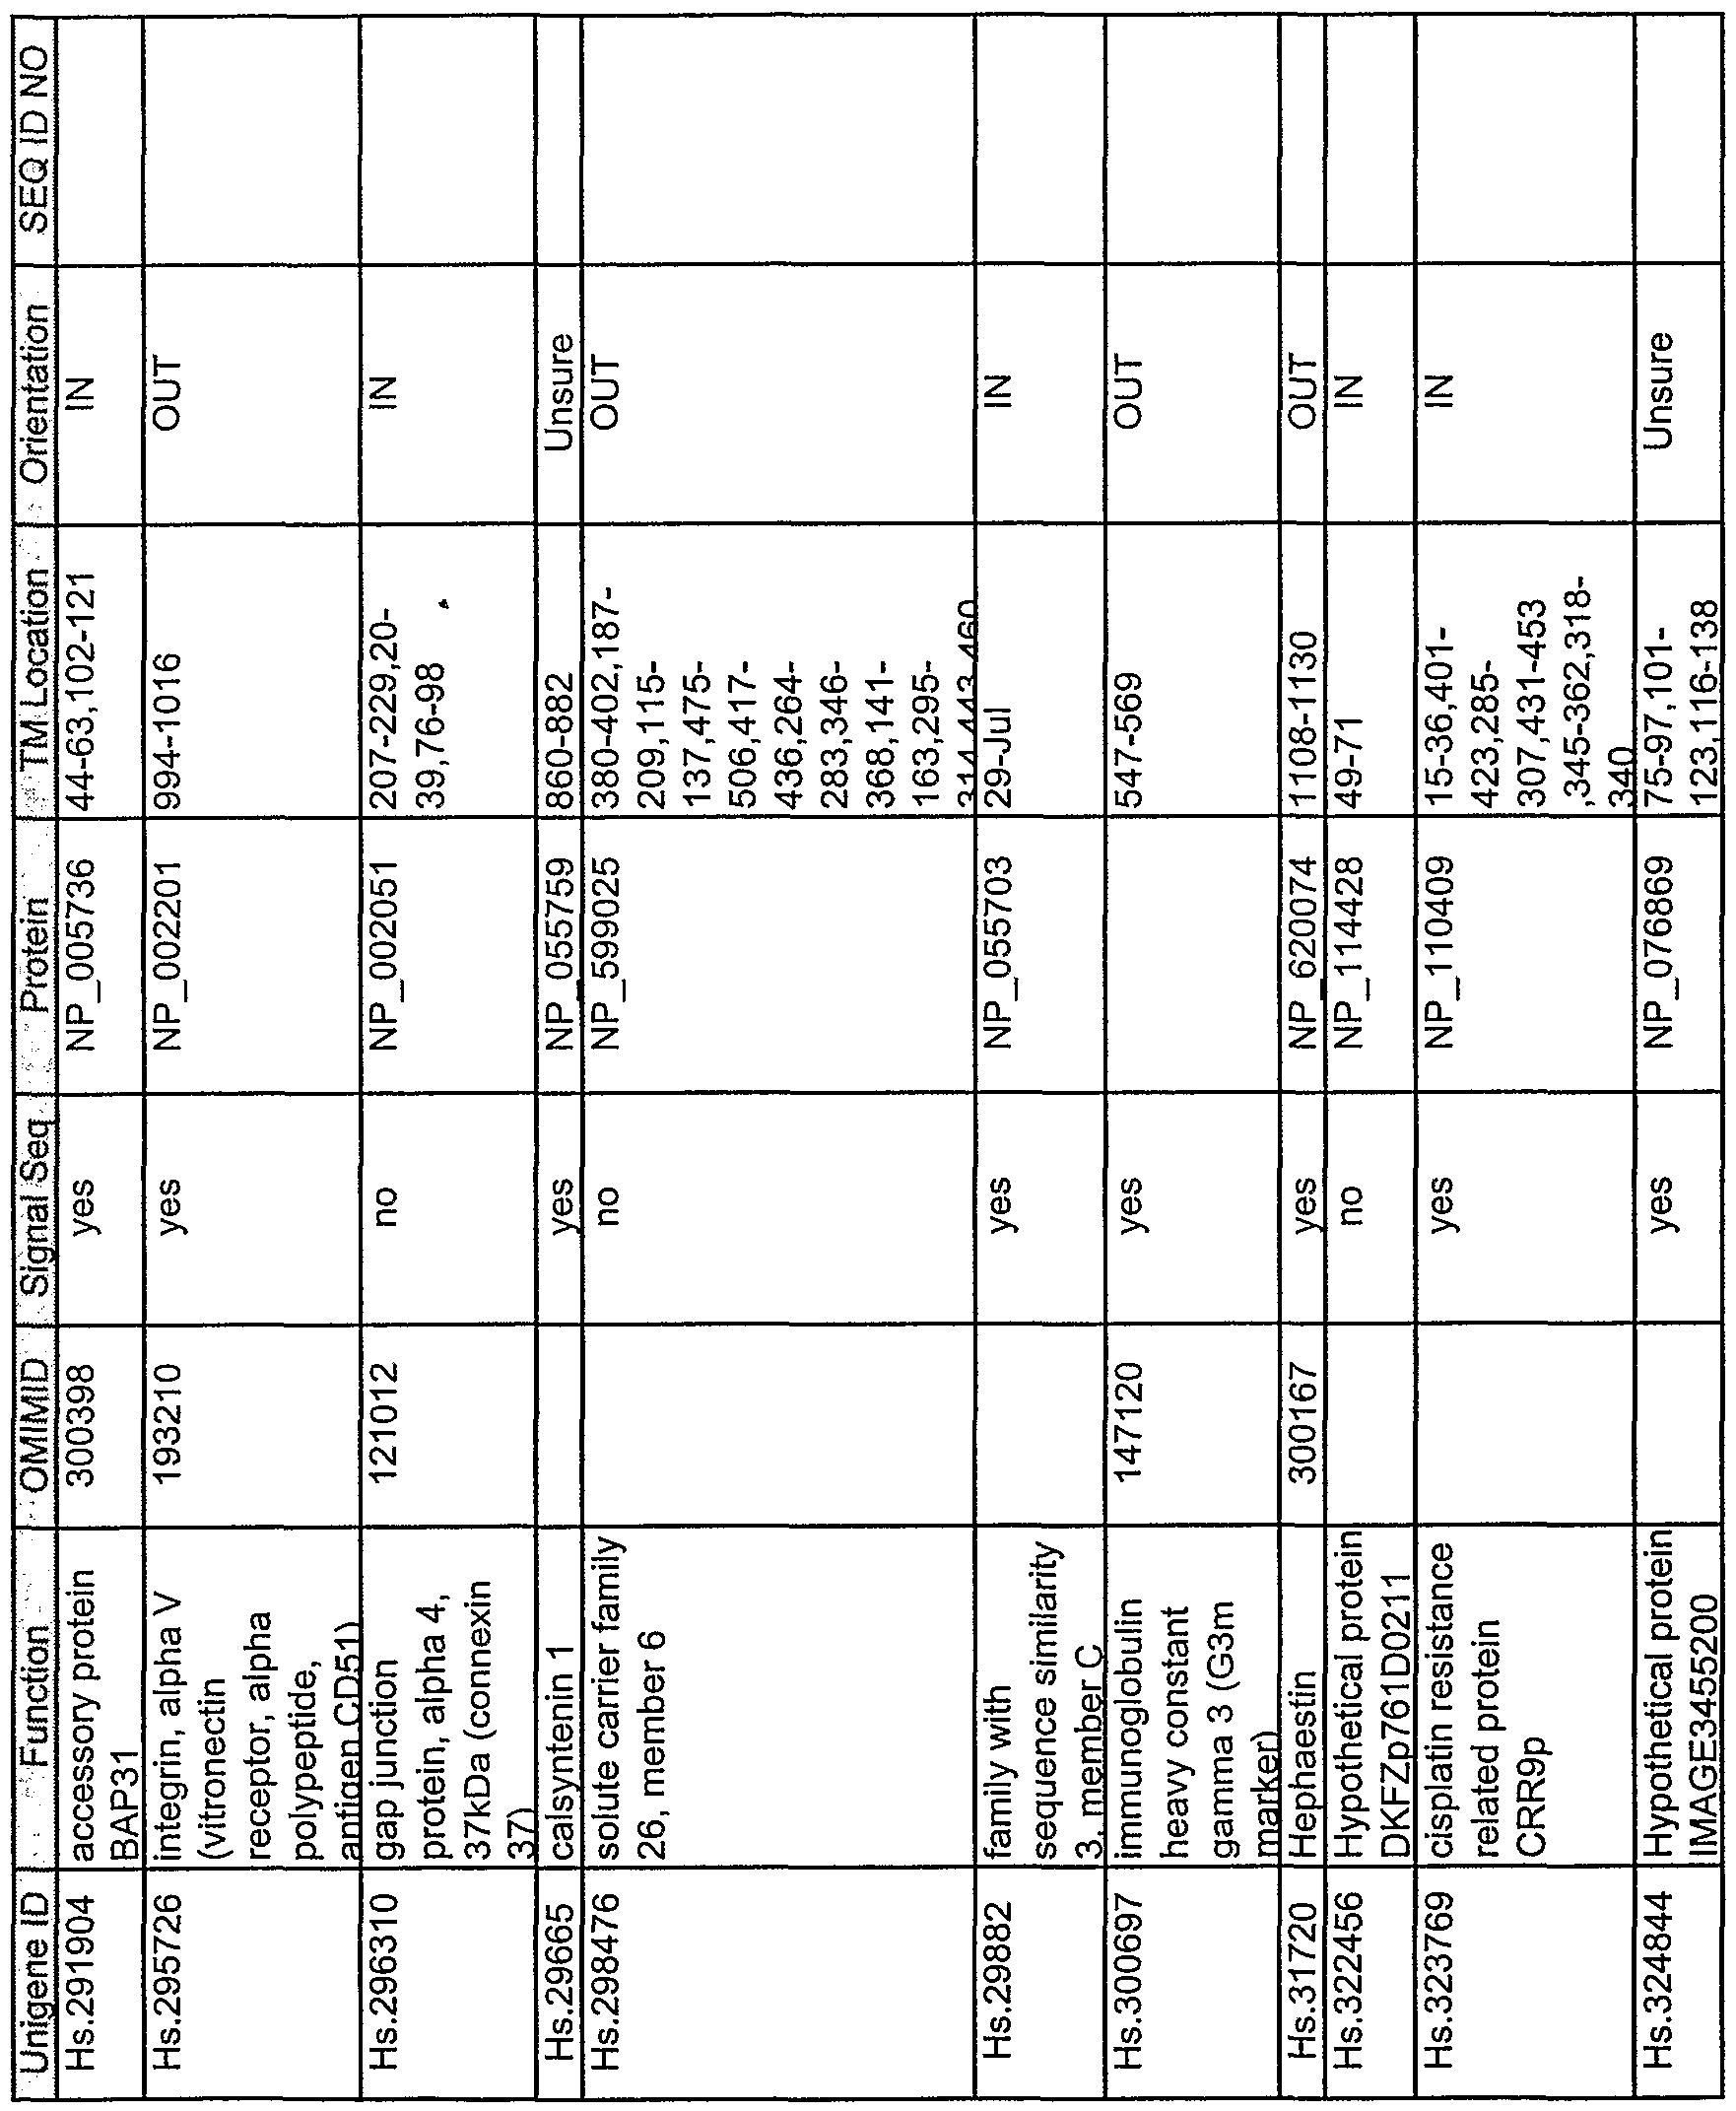 Figure imgf000055_0002